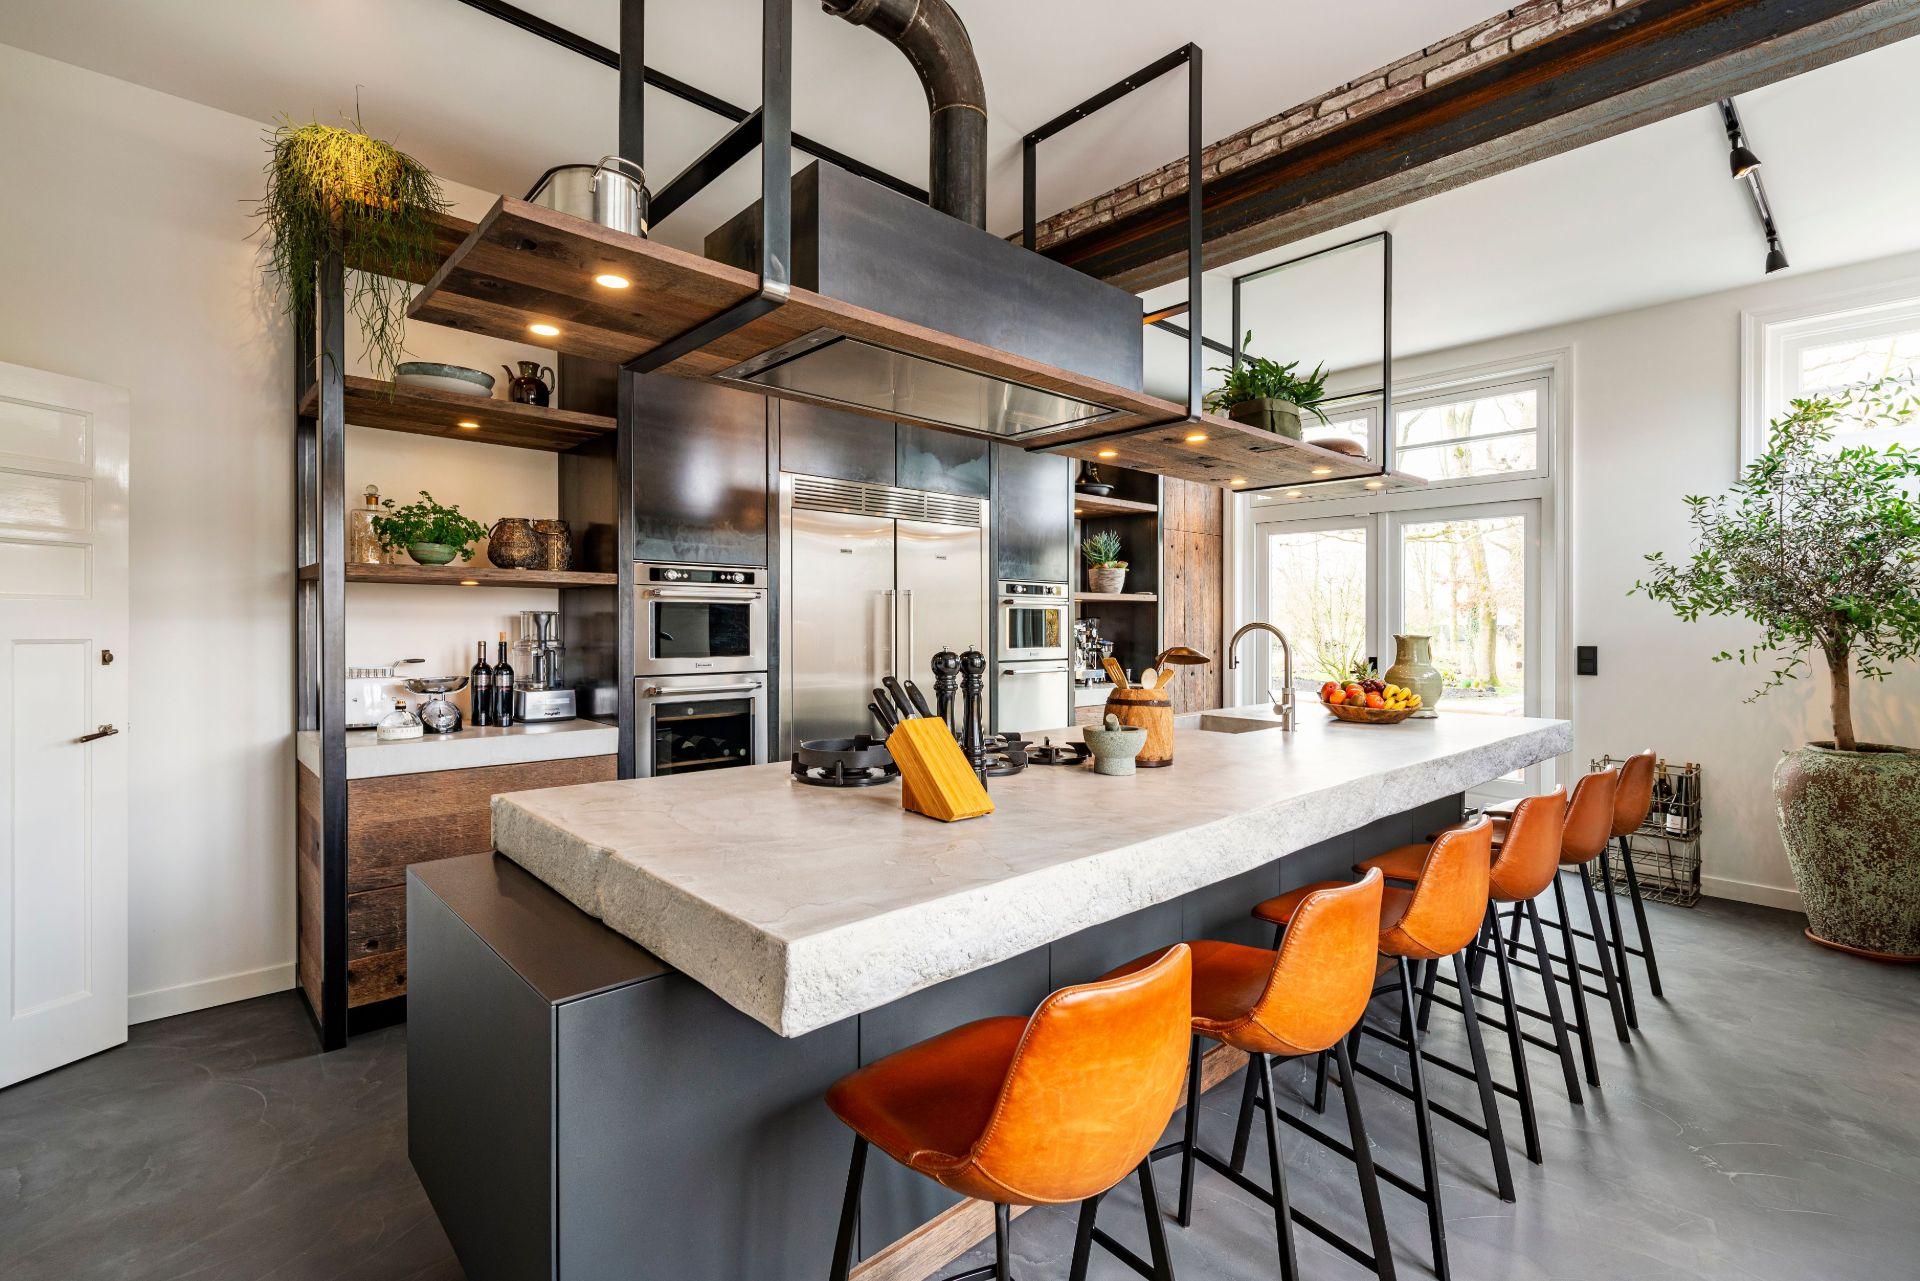 Kookeiland in de keuken #kookeiland #voorbeelden #keuken #keukeninspiratie